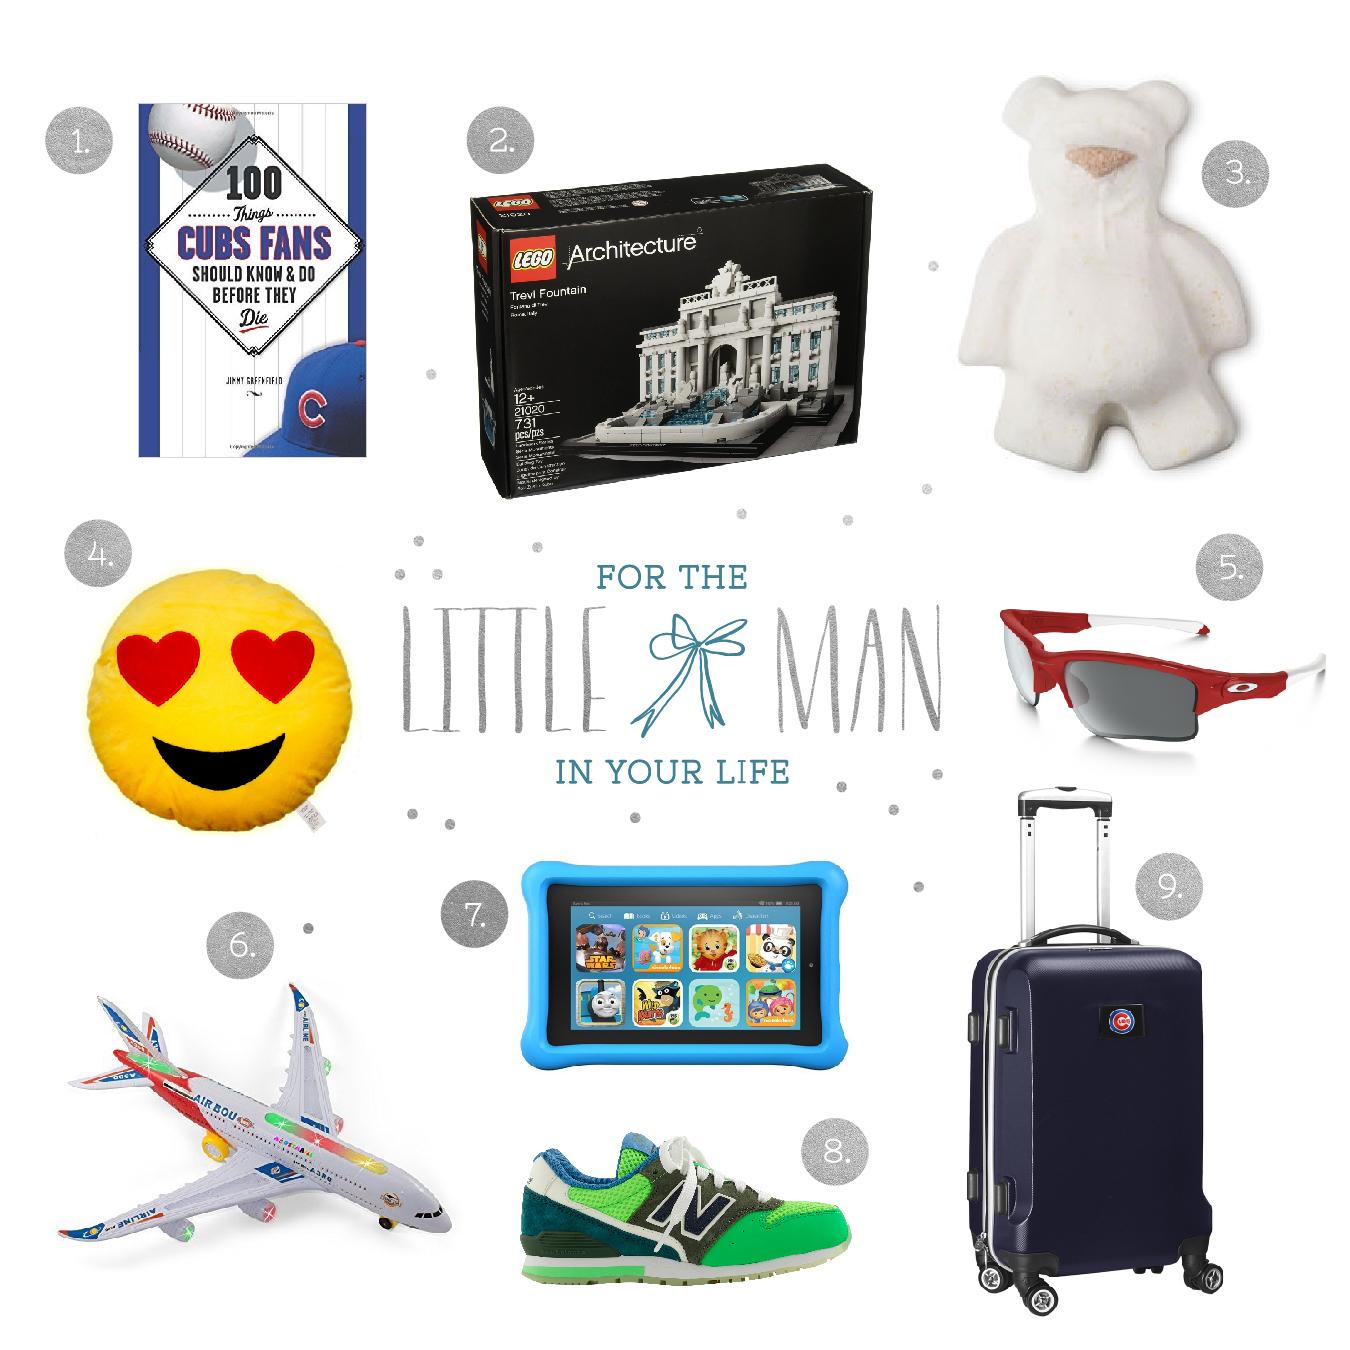 alfs_gift-guide_little-man_rev